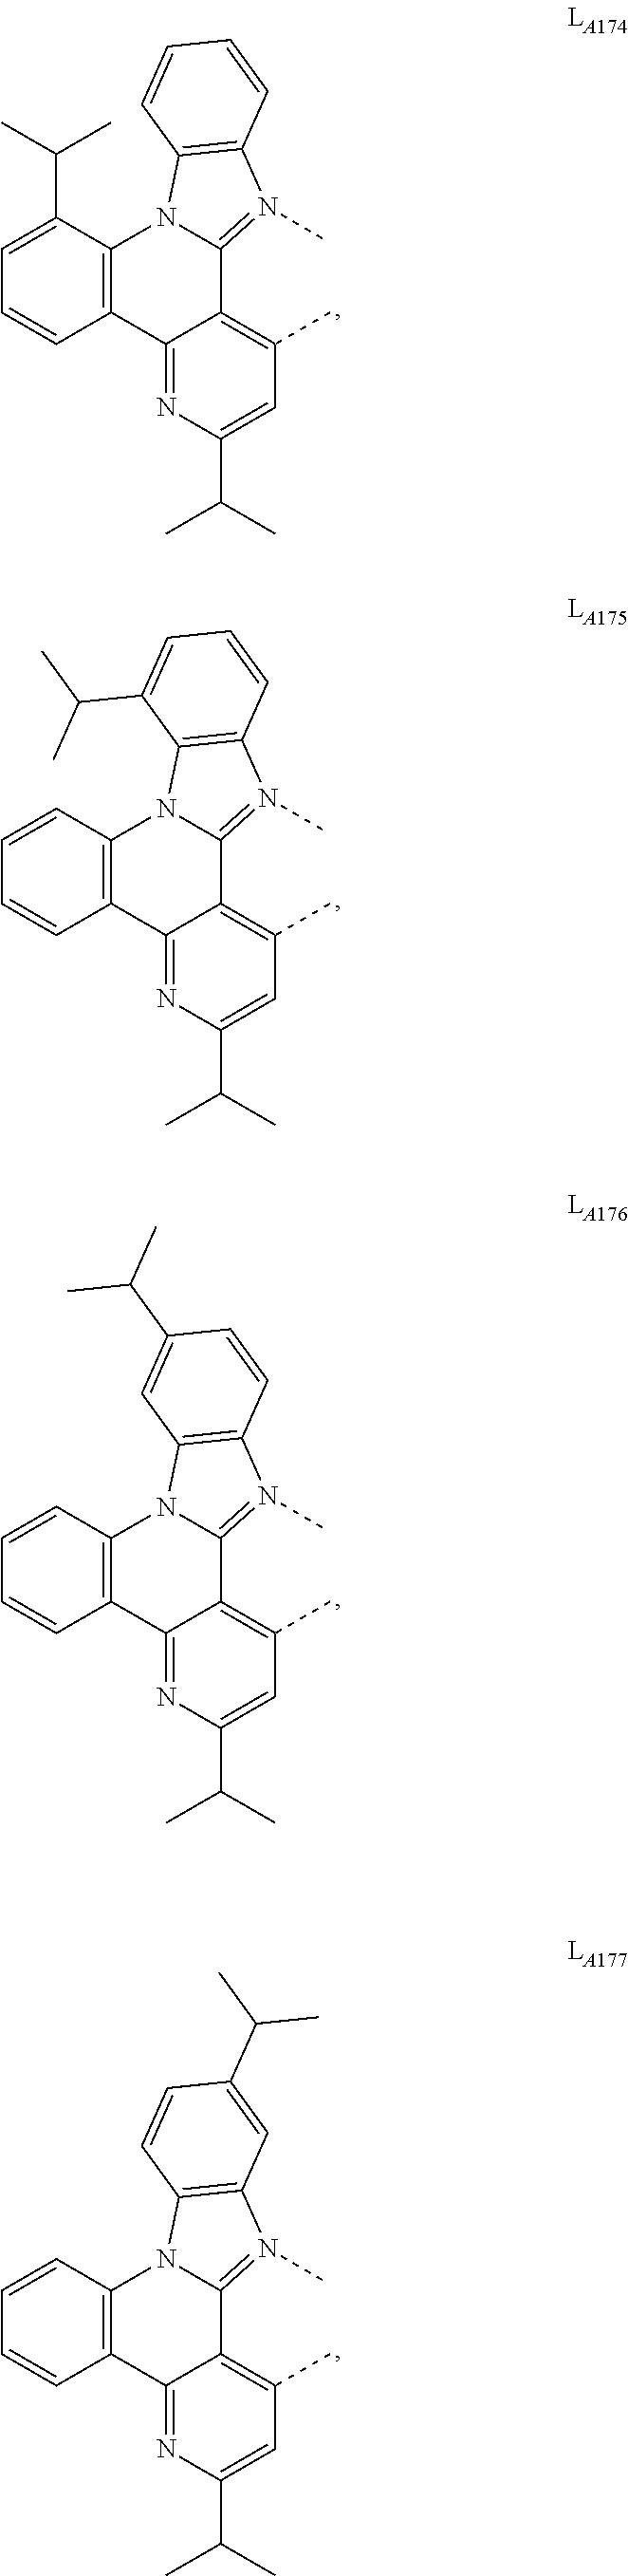 Figure US09905785-20180227-C00065